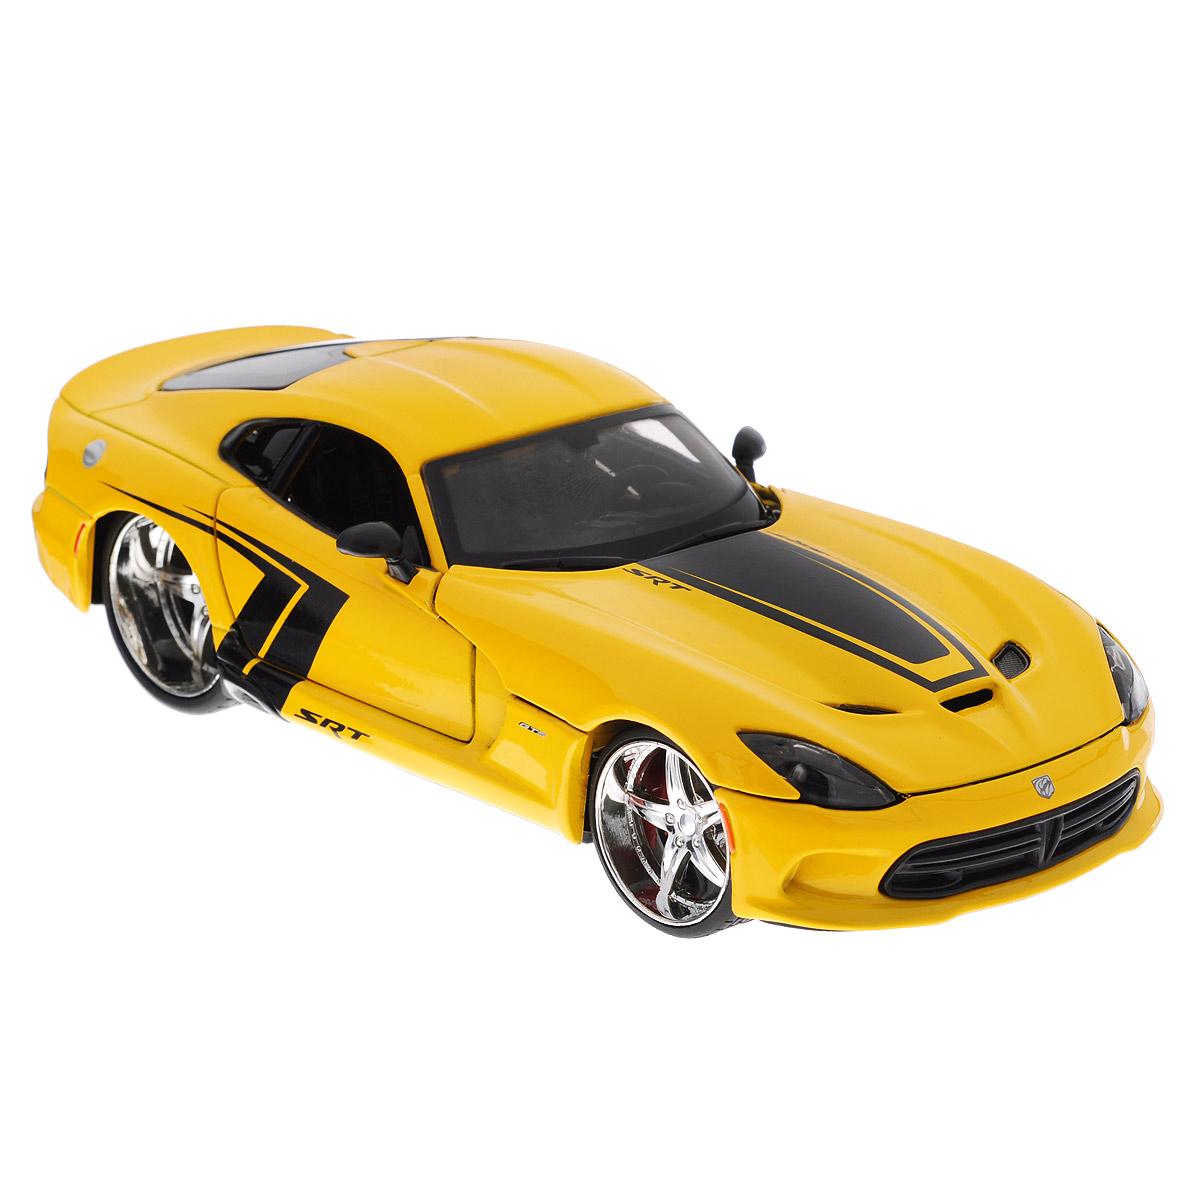 Коллекционная модель Maisto Dodge SRT Viper GTS 2013, цвет: желтый. Масштаб 1/24 модель автомобиля 1 24 motormax dodge viper srt10 racing 2003